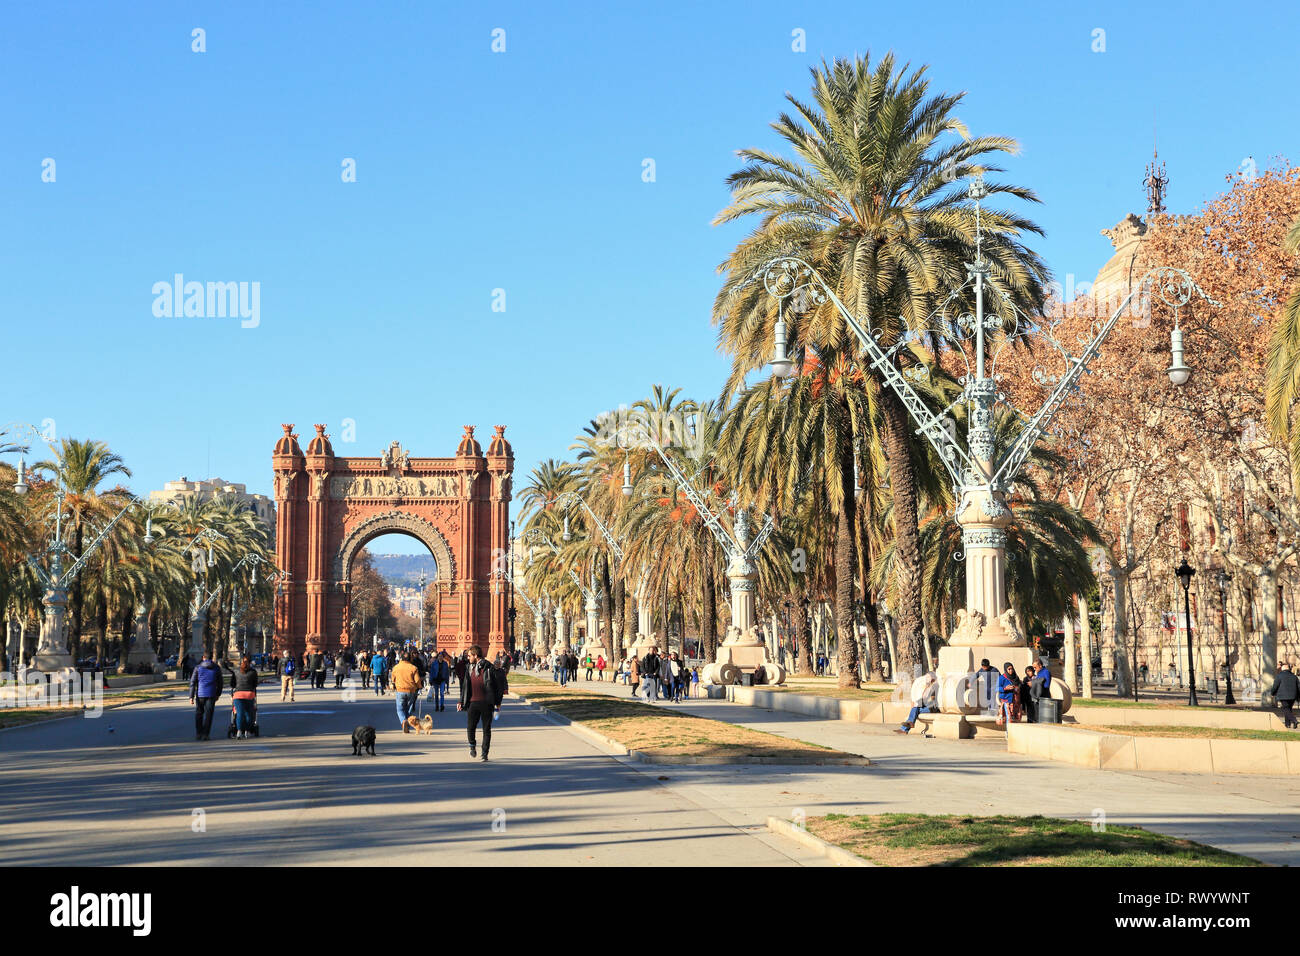 Arc de Triomf, Parc de la Ciutadella, Passeig de Lluís Companys, Barcelona - Stock Image